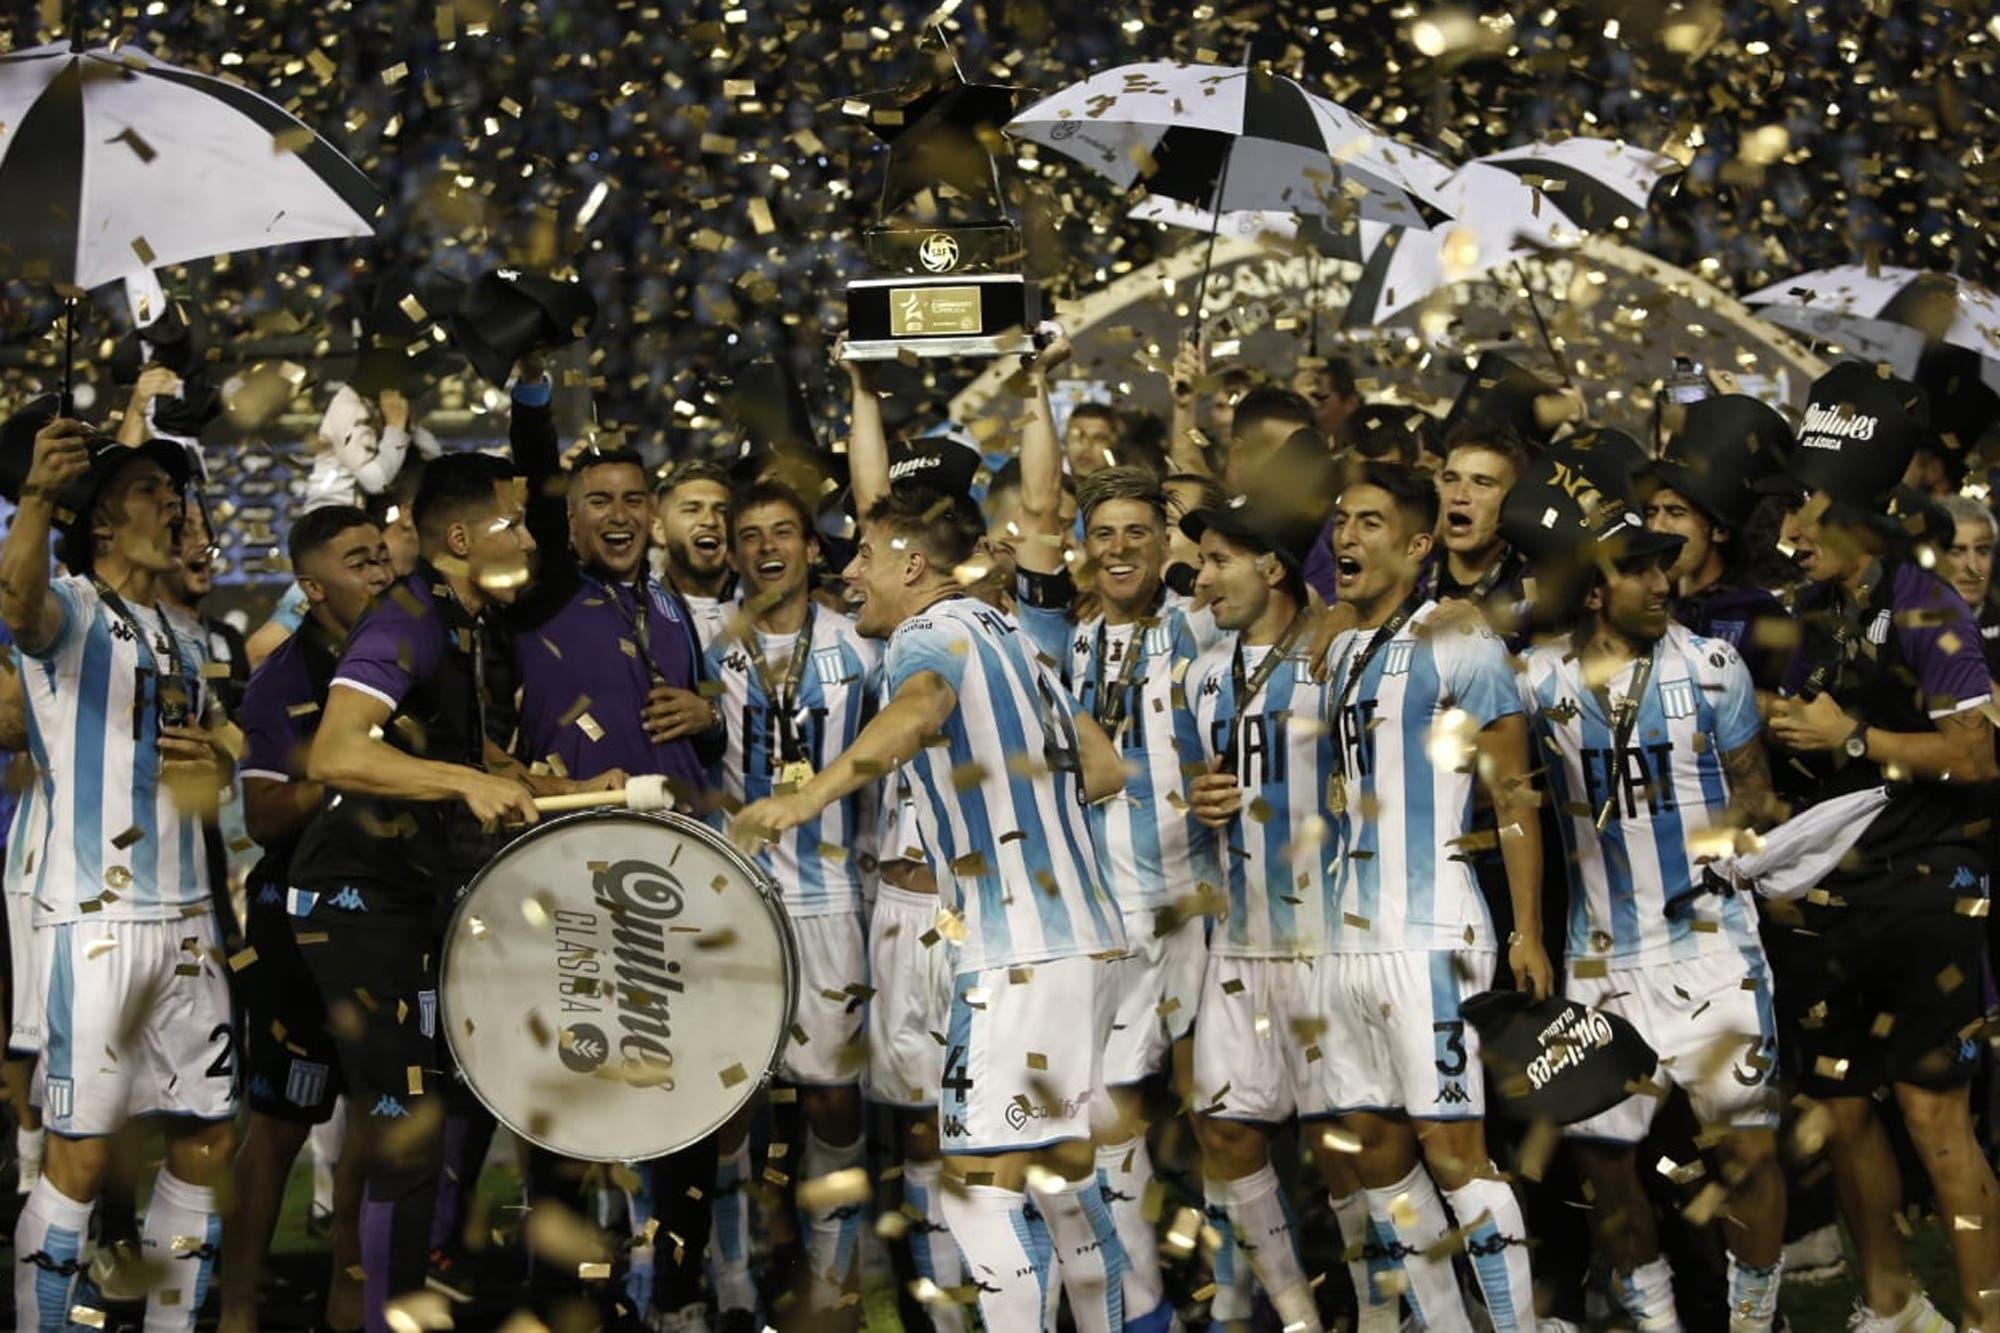 Fútbol local: los equipos que festejaron, los que fracasaron y un invitado a la fiesta